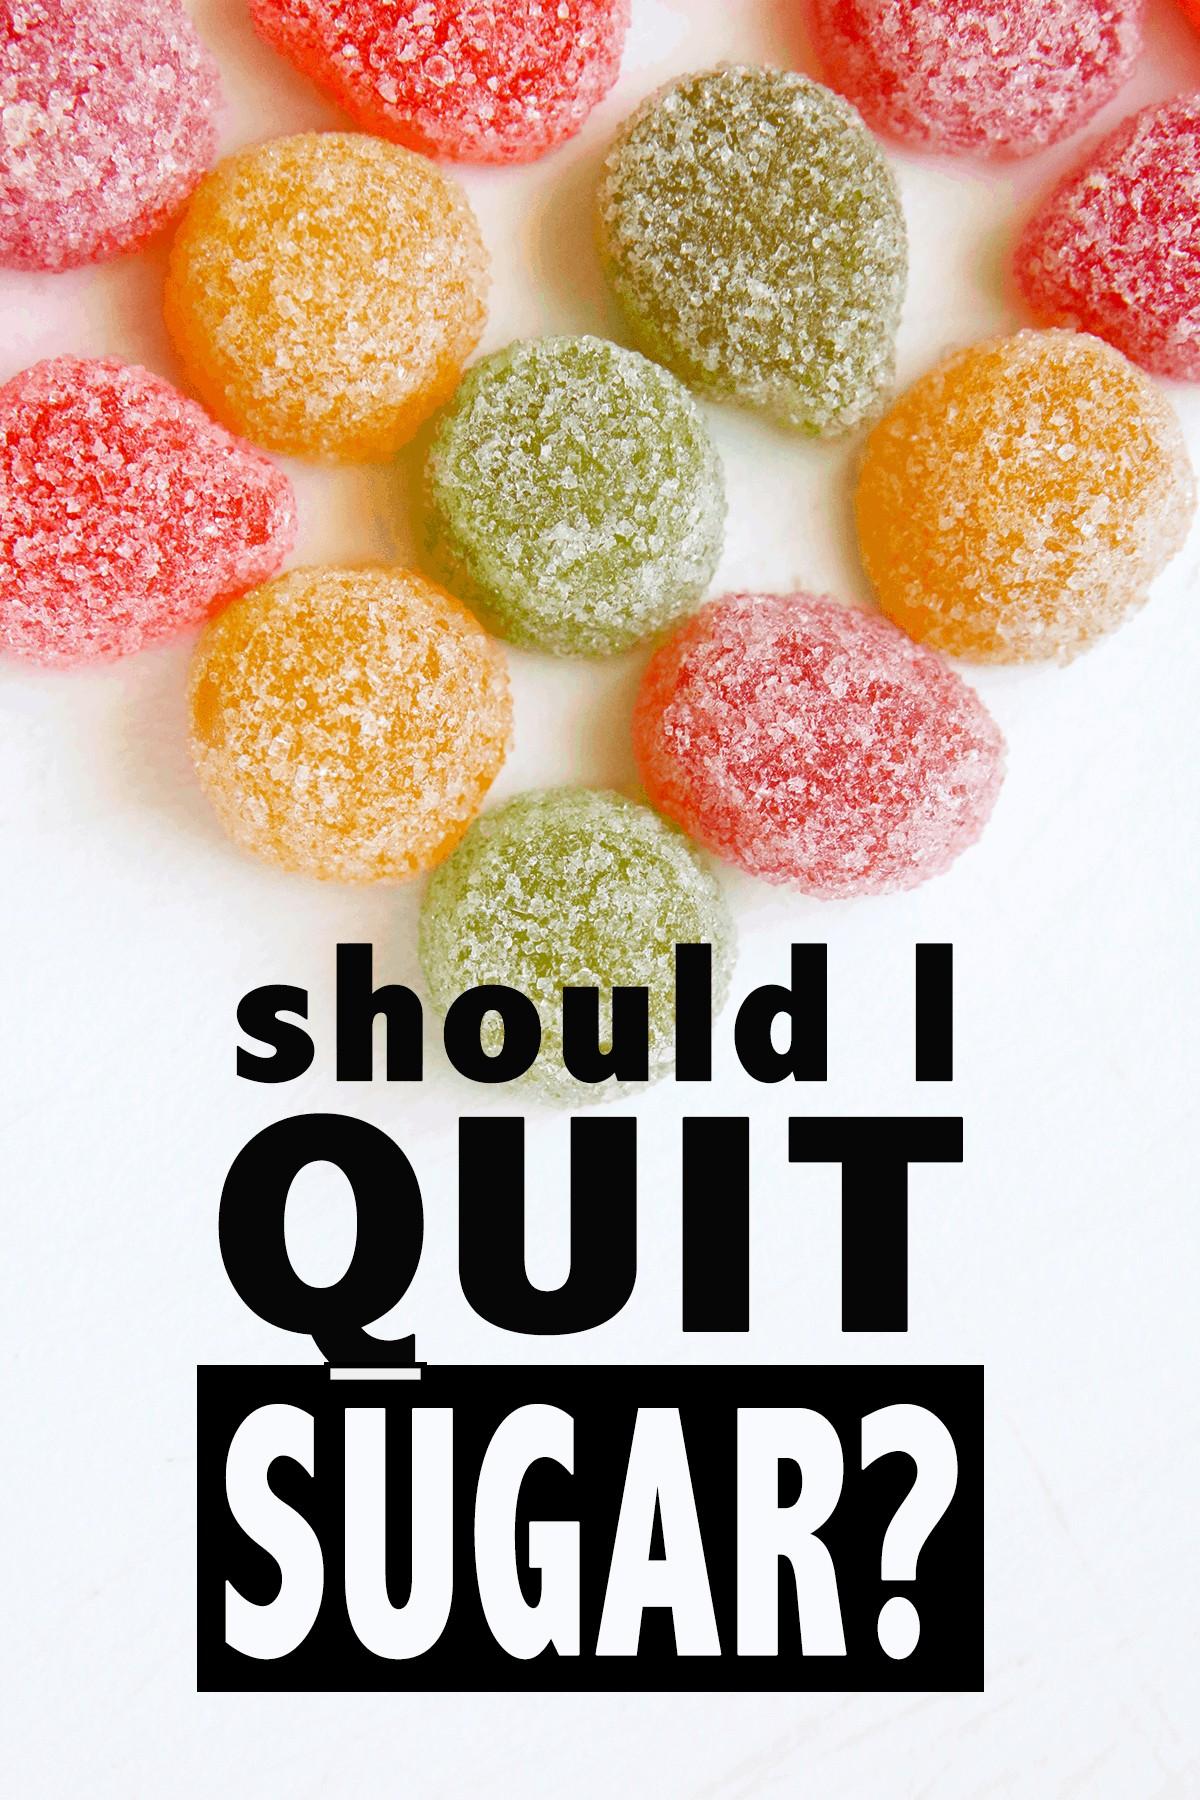 should i quit sugar?